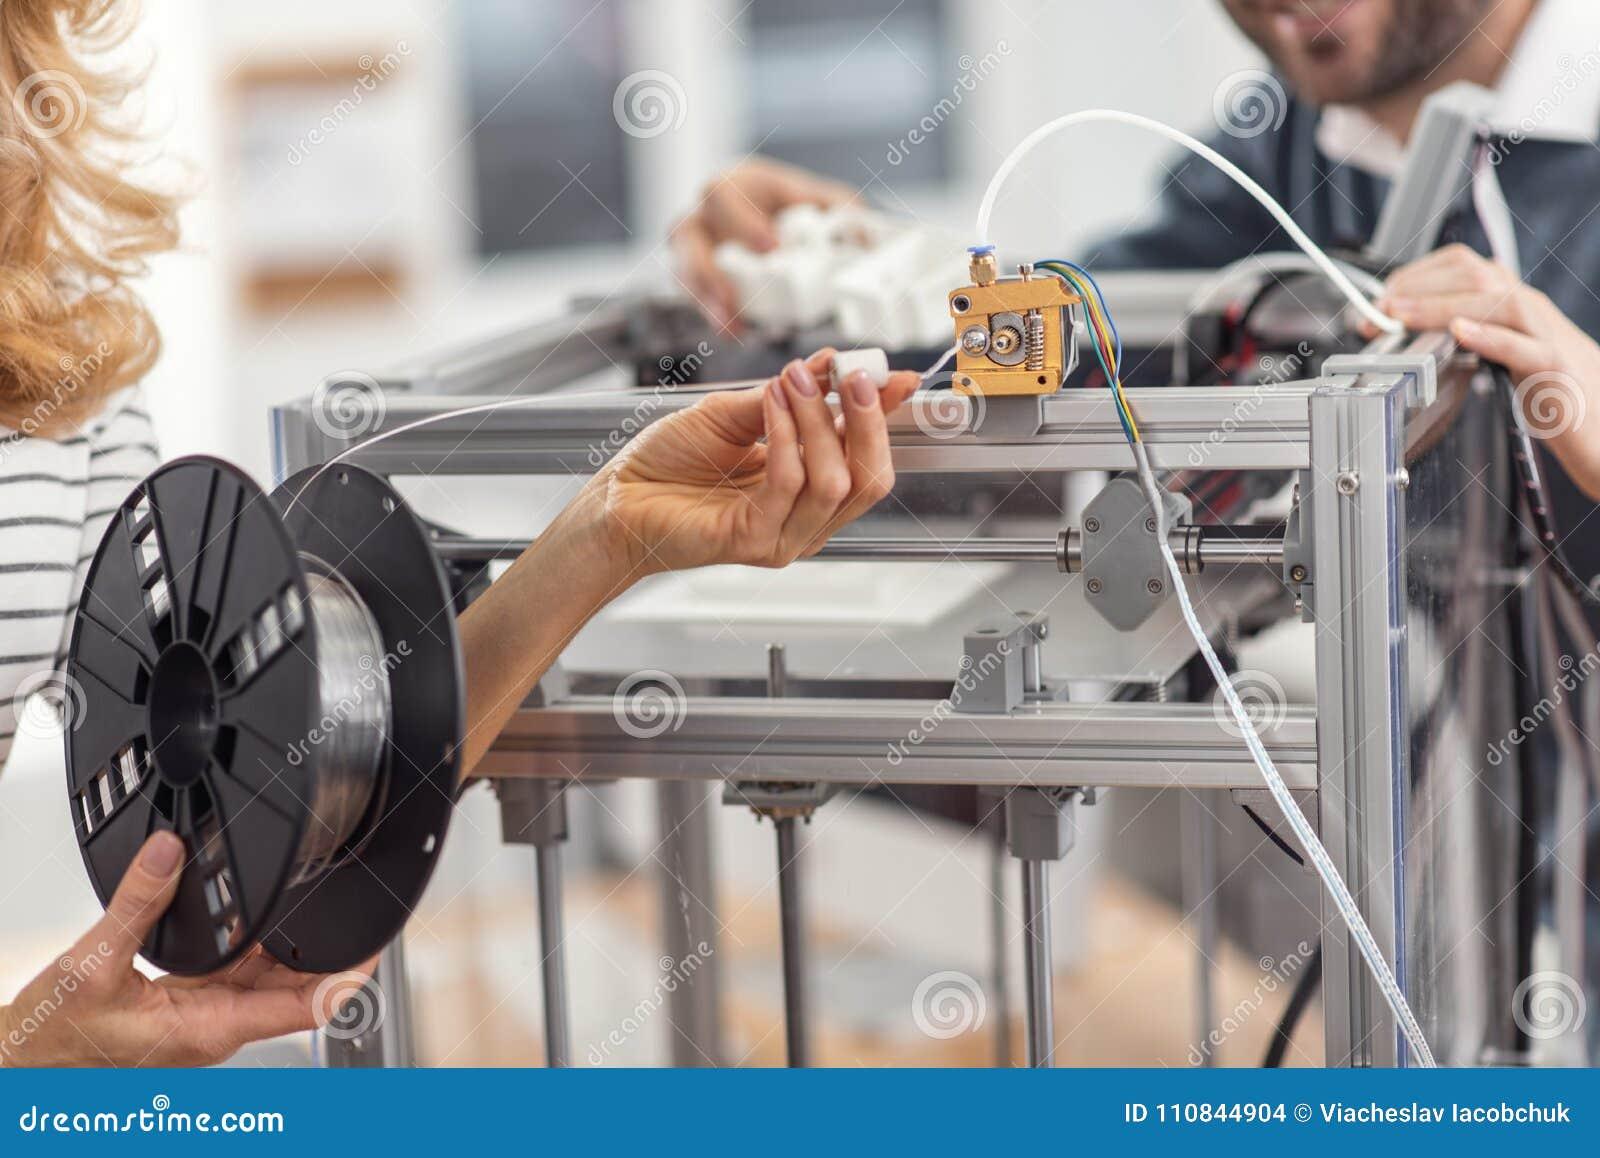 Les mains femelles tenant le filament se sont reliées à l extrudeuse de l imprimante 3D